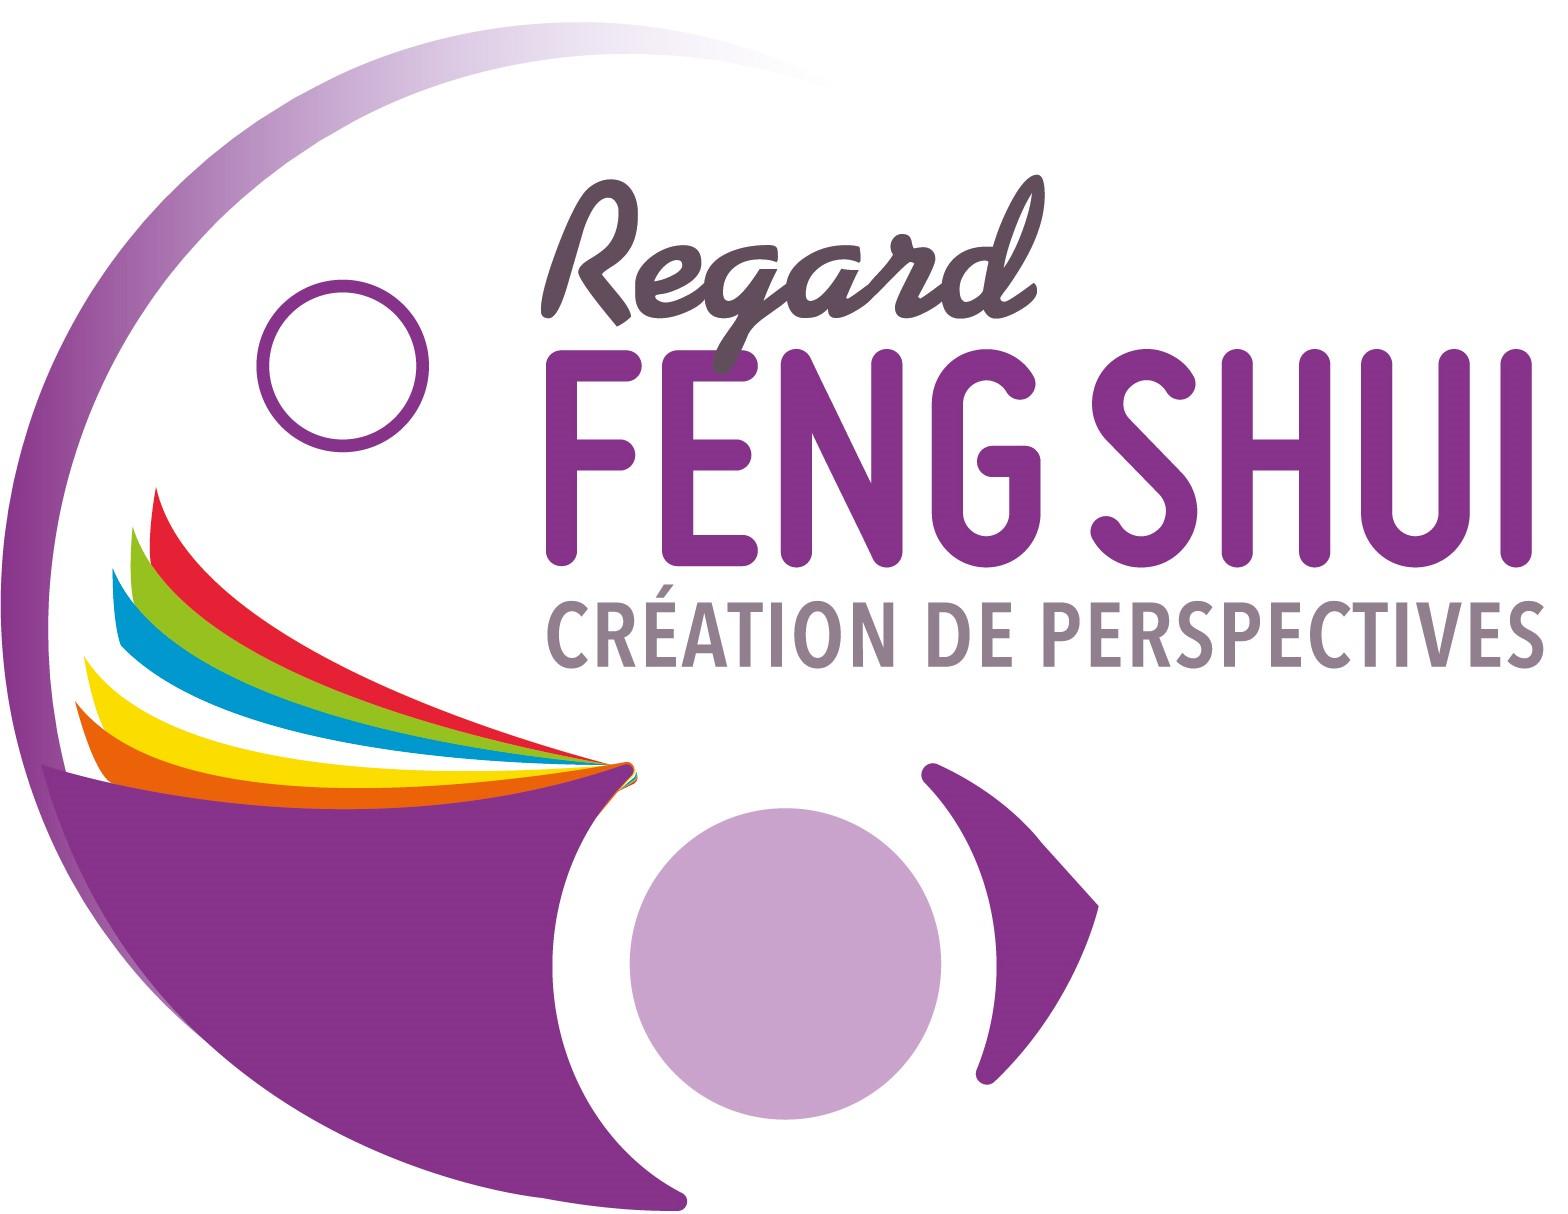 Regard Feng Shui